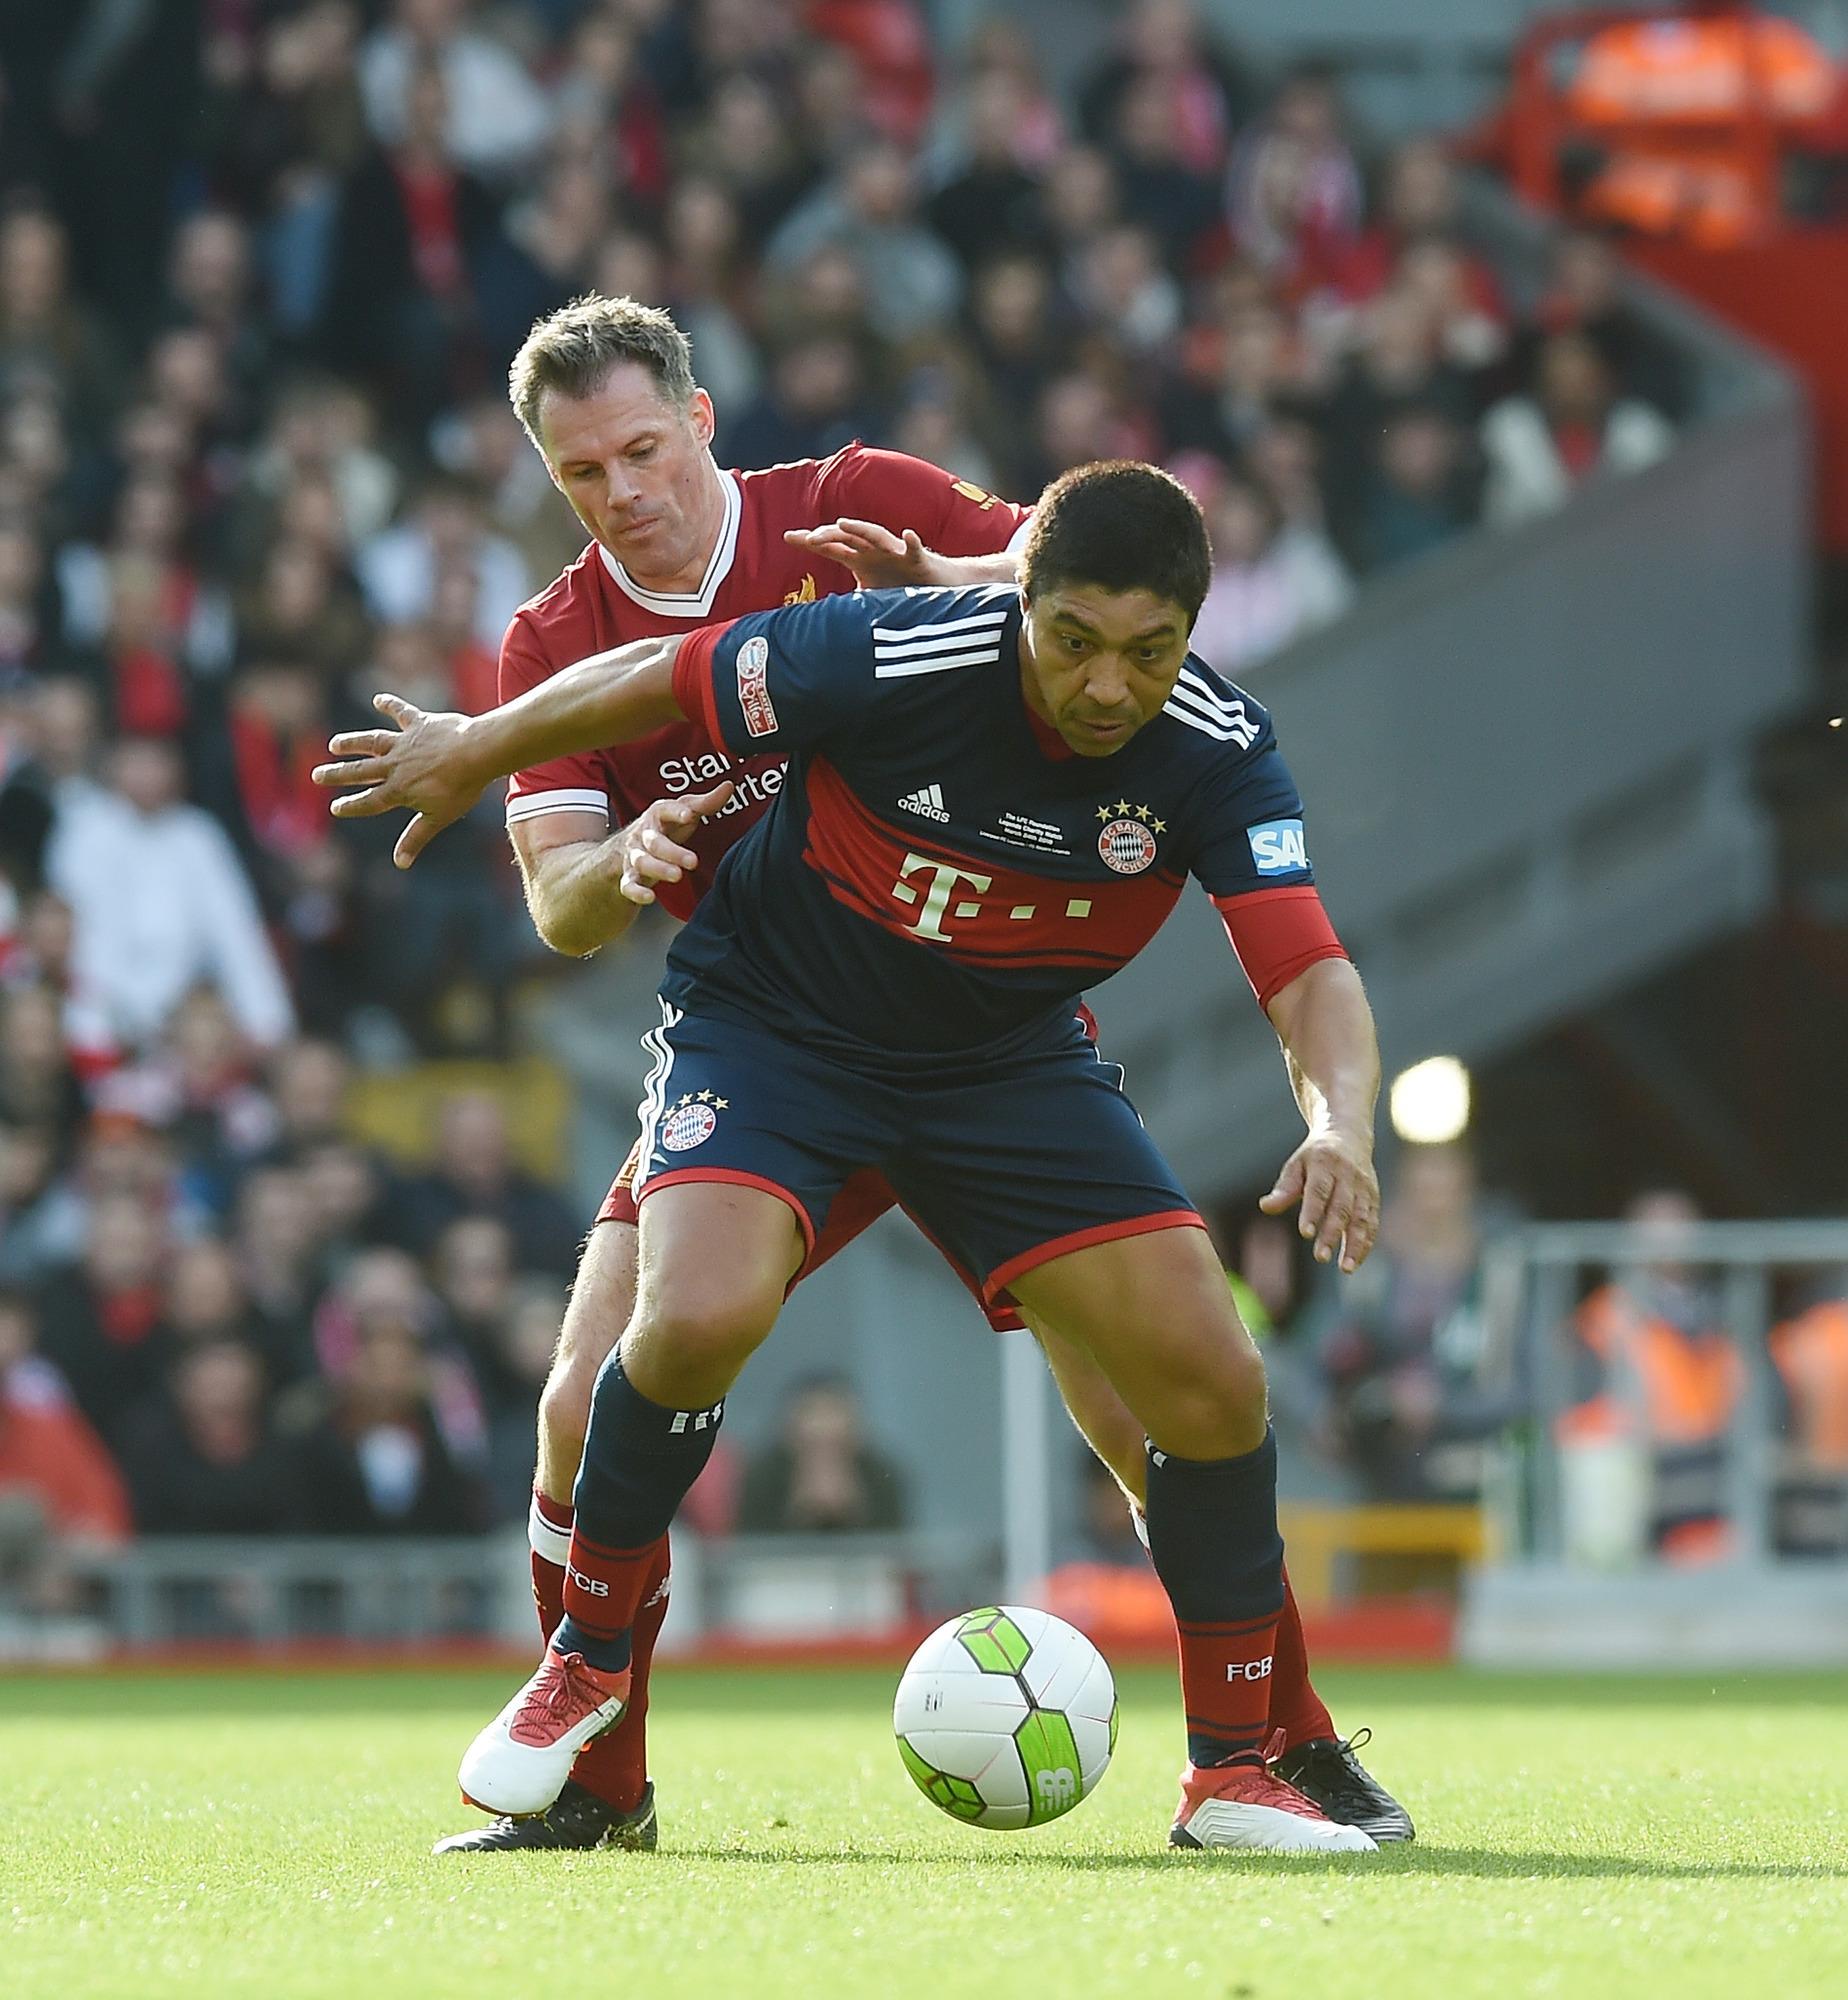 Ein Spiel Viele Gewinner Heute Kommen Die Fc Bayern Legenden Ins